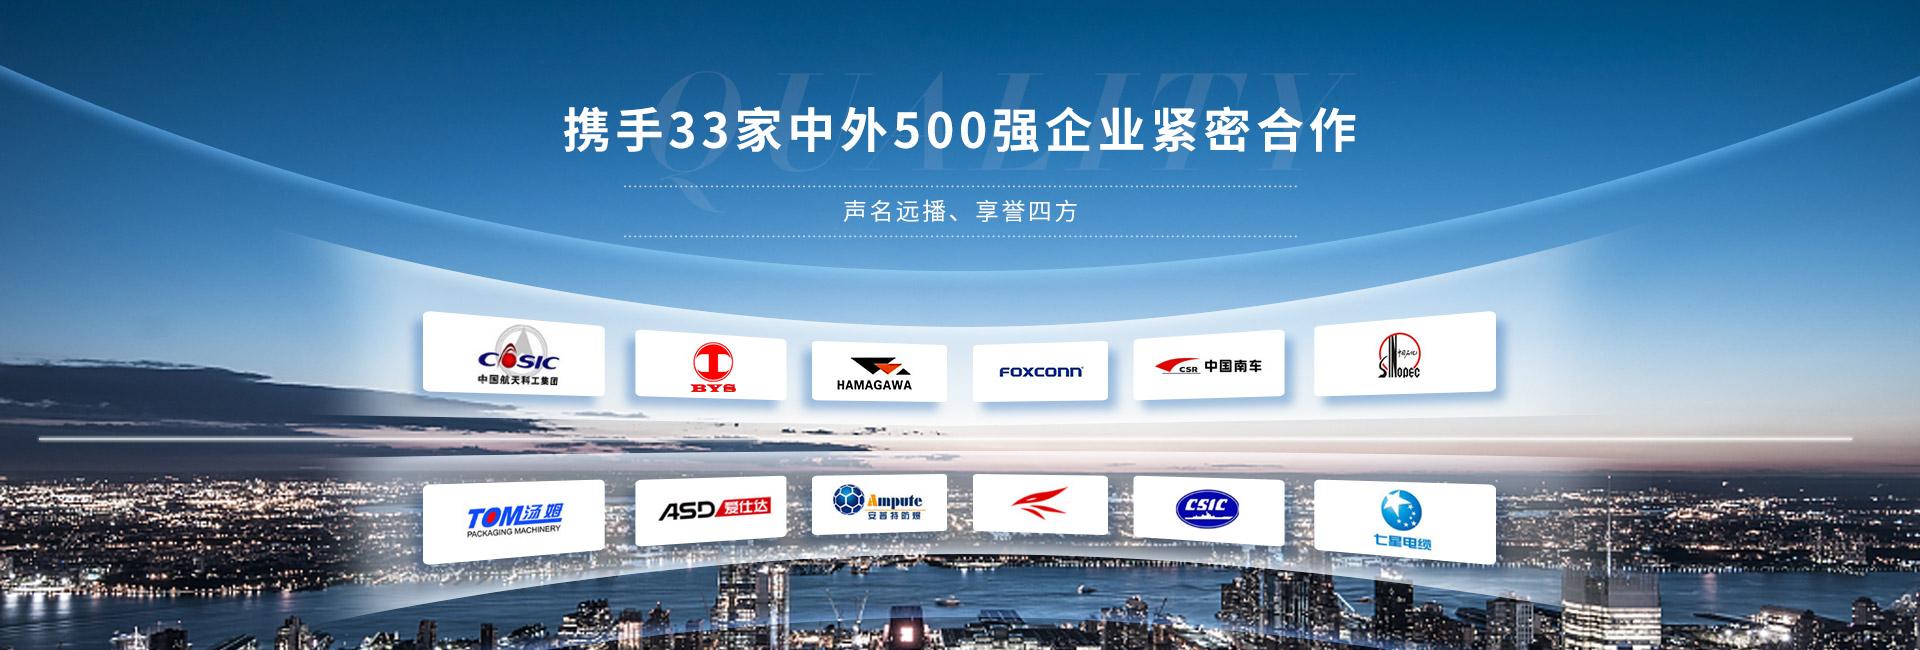 泰盛-携手33家中外500强企业紧密合作